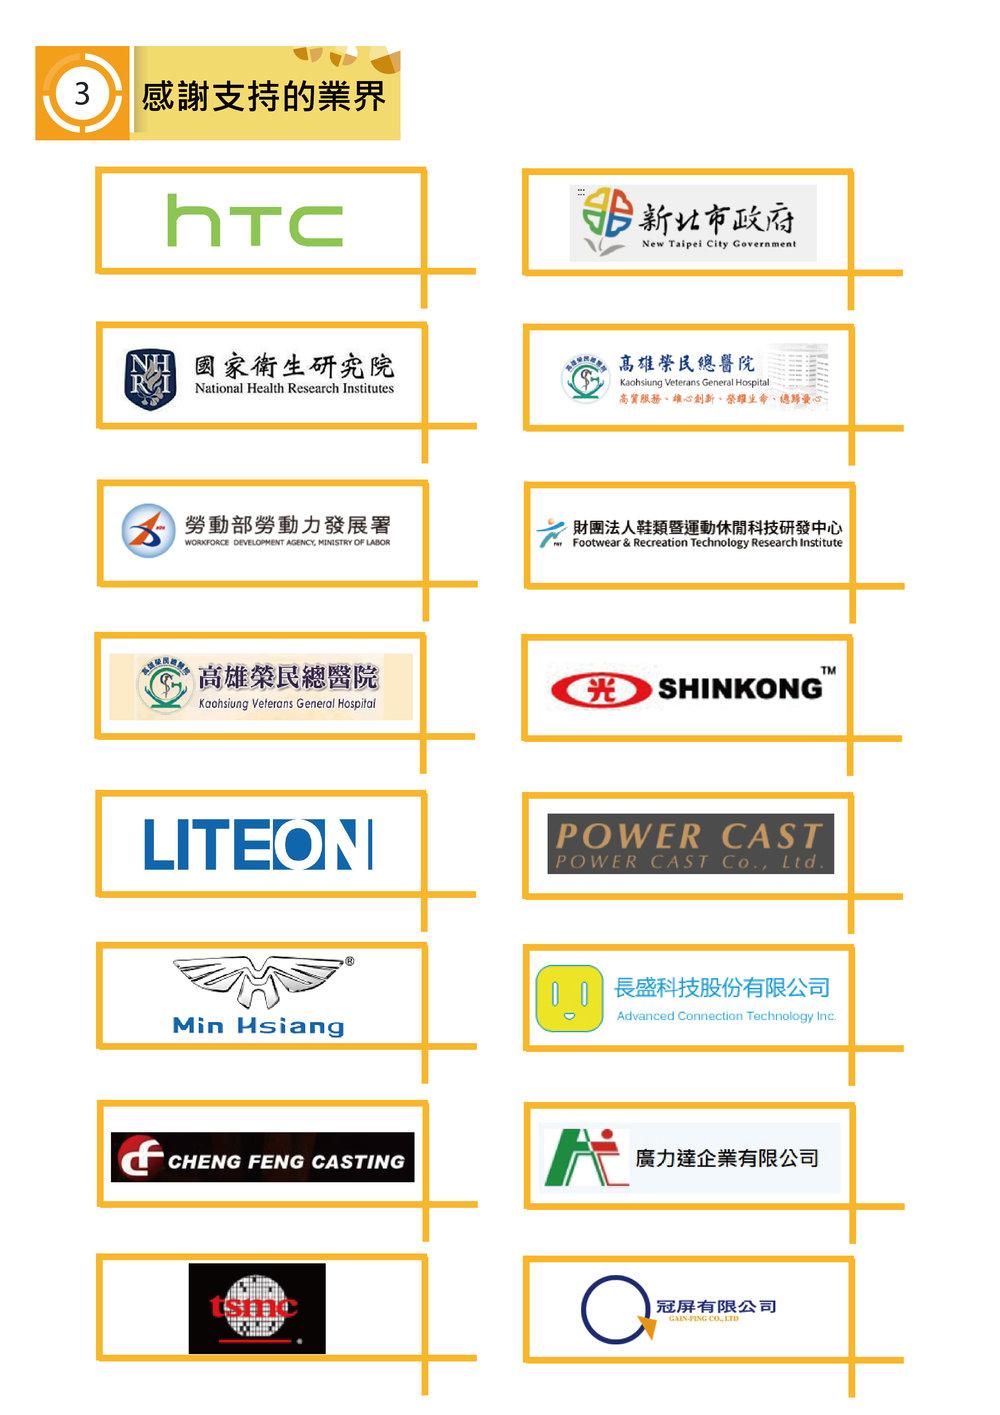 官網-關於我們-客戶logo列表-5-01.jpg